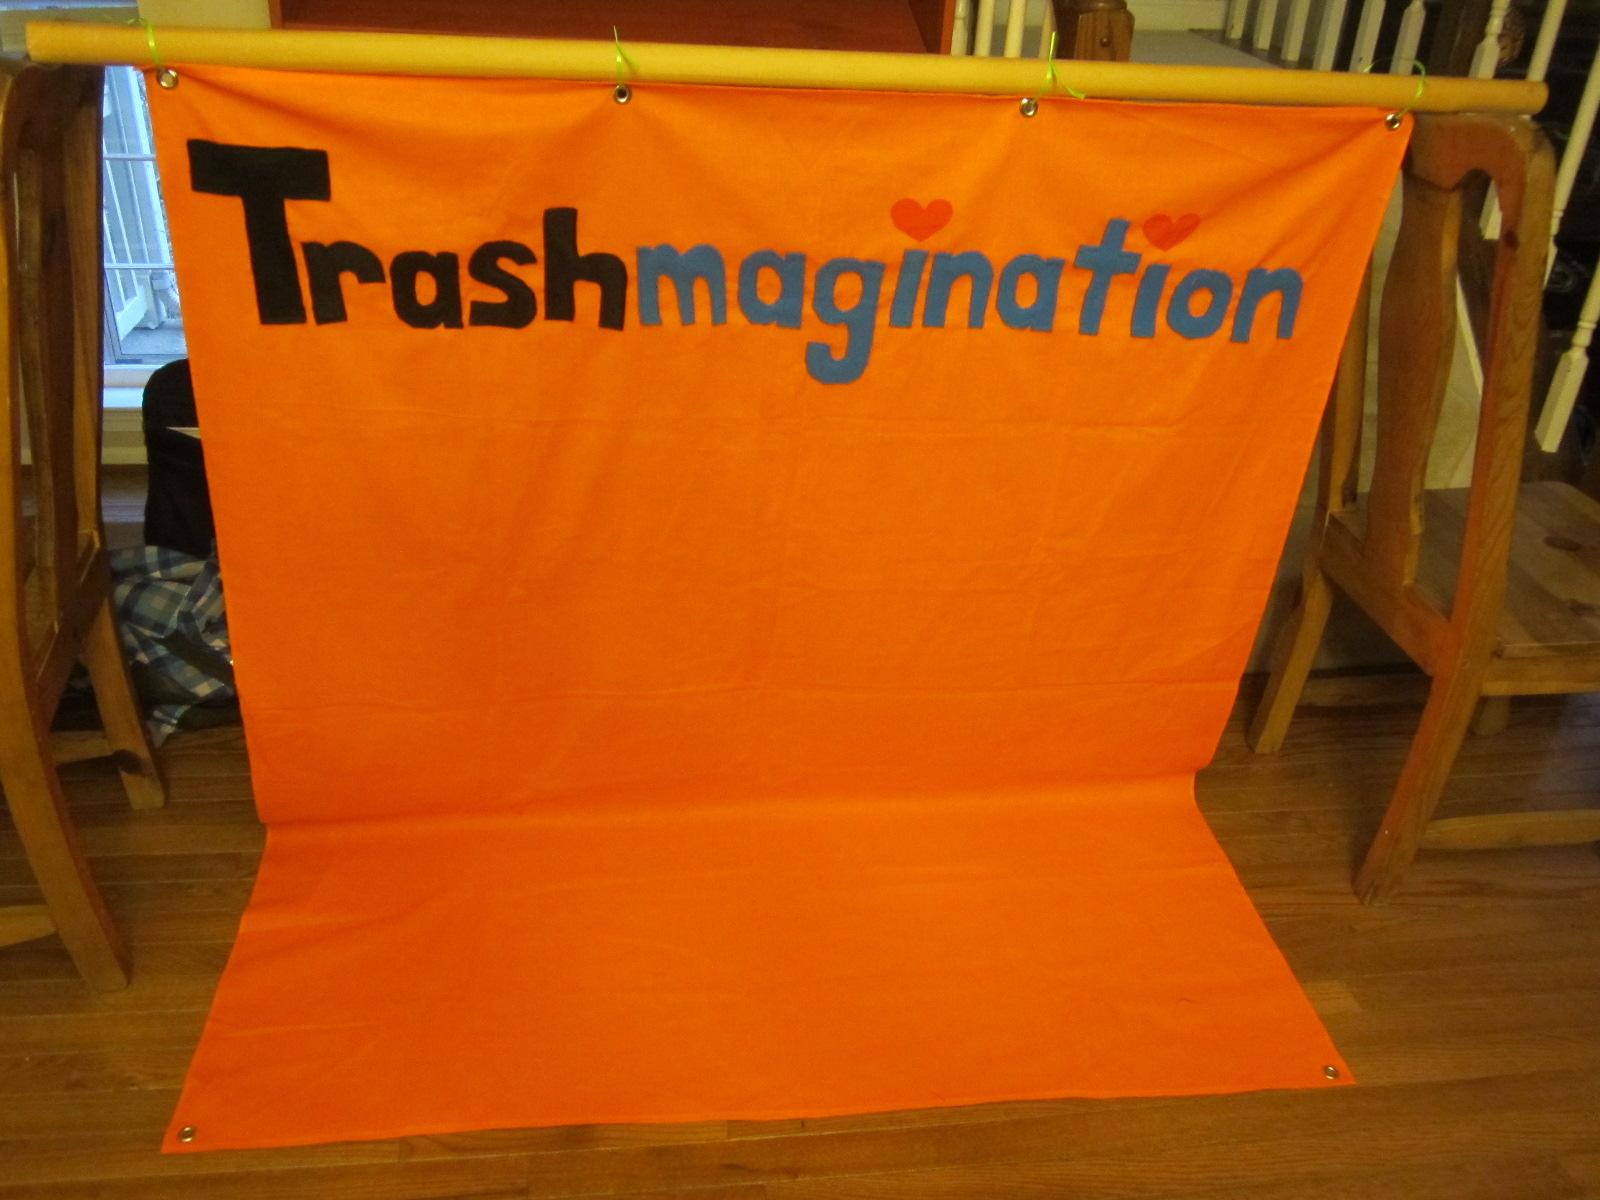 The Trashmagination Banner I sewed